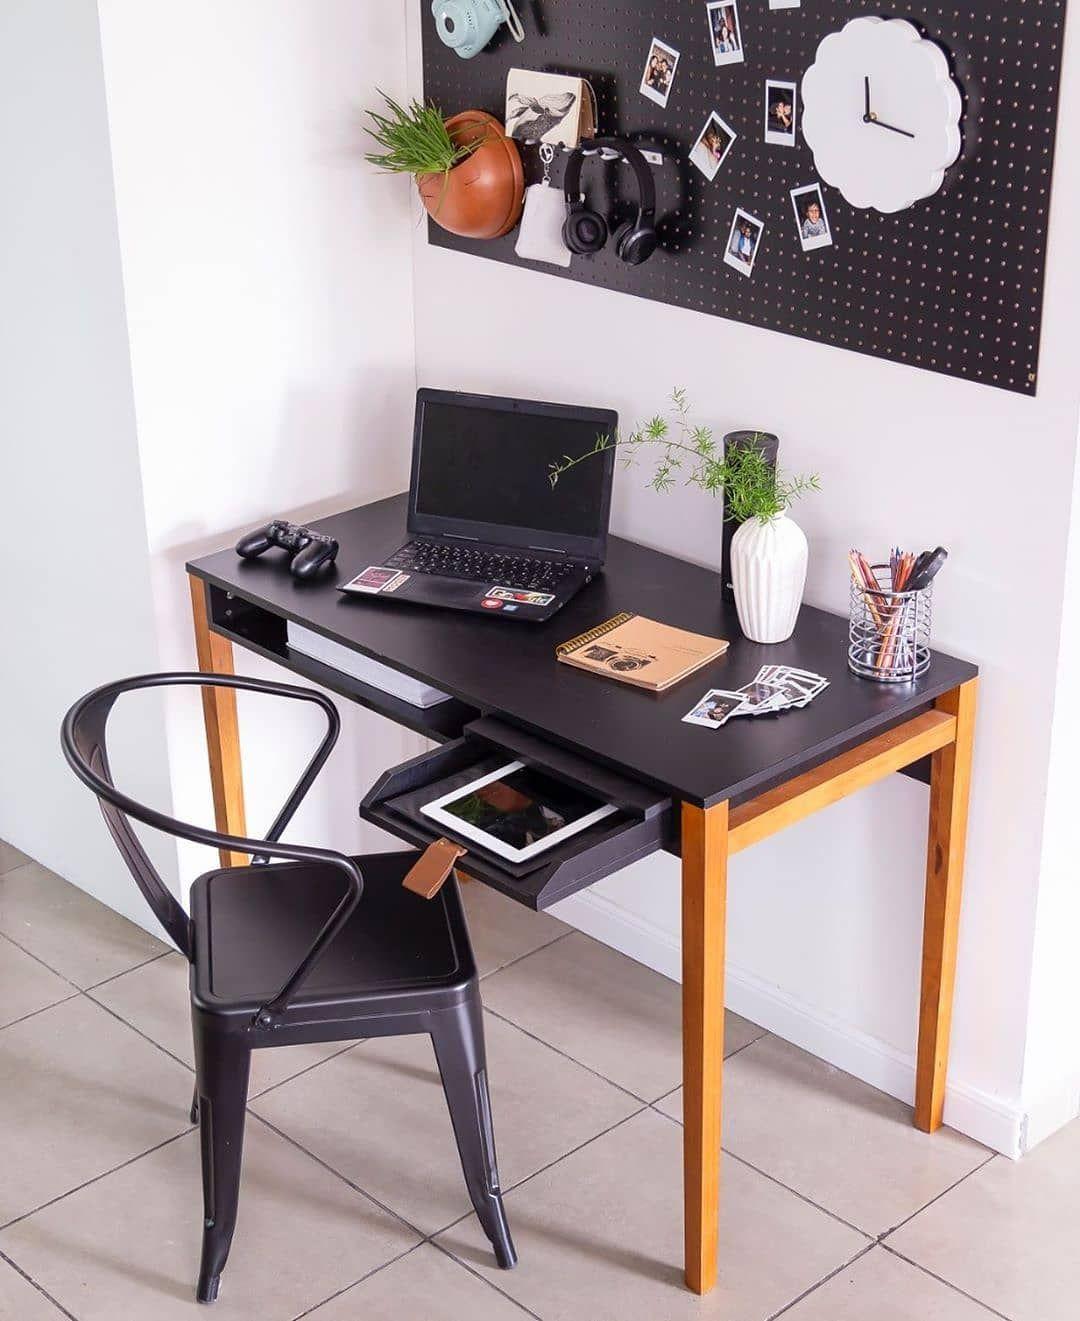 مكتب مصغر لانجاز المهام الصغيرة ما رأيكم في هاذ الديكور المتكامل ديكورات حديثة ديكورات خشبية ديكور مكتب مكتبتي دي Home Decor Furniture Decor